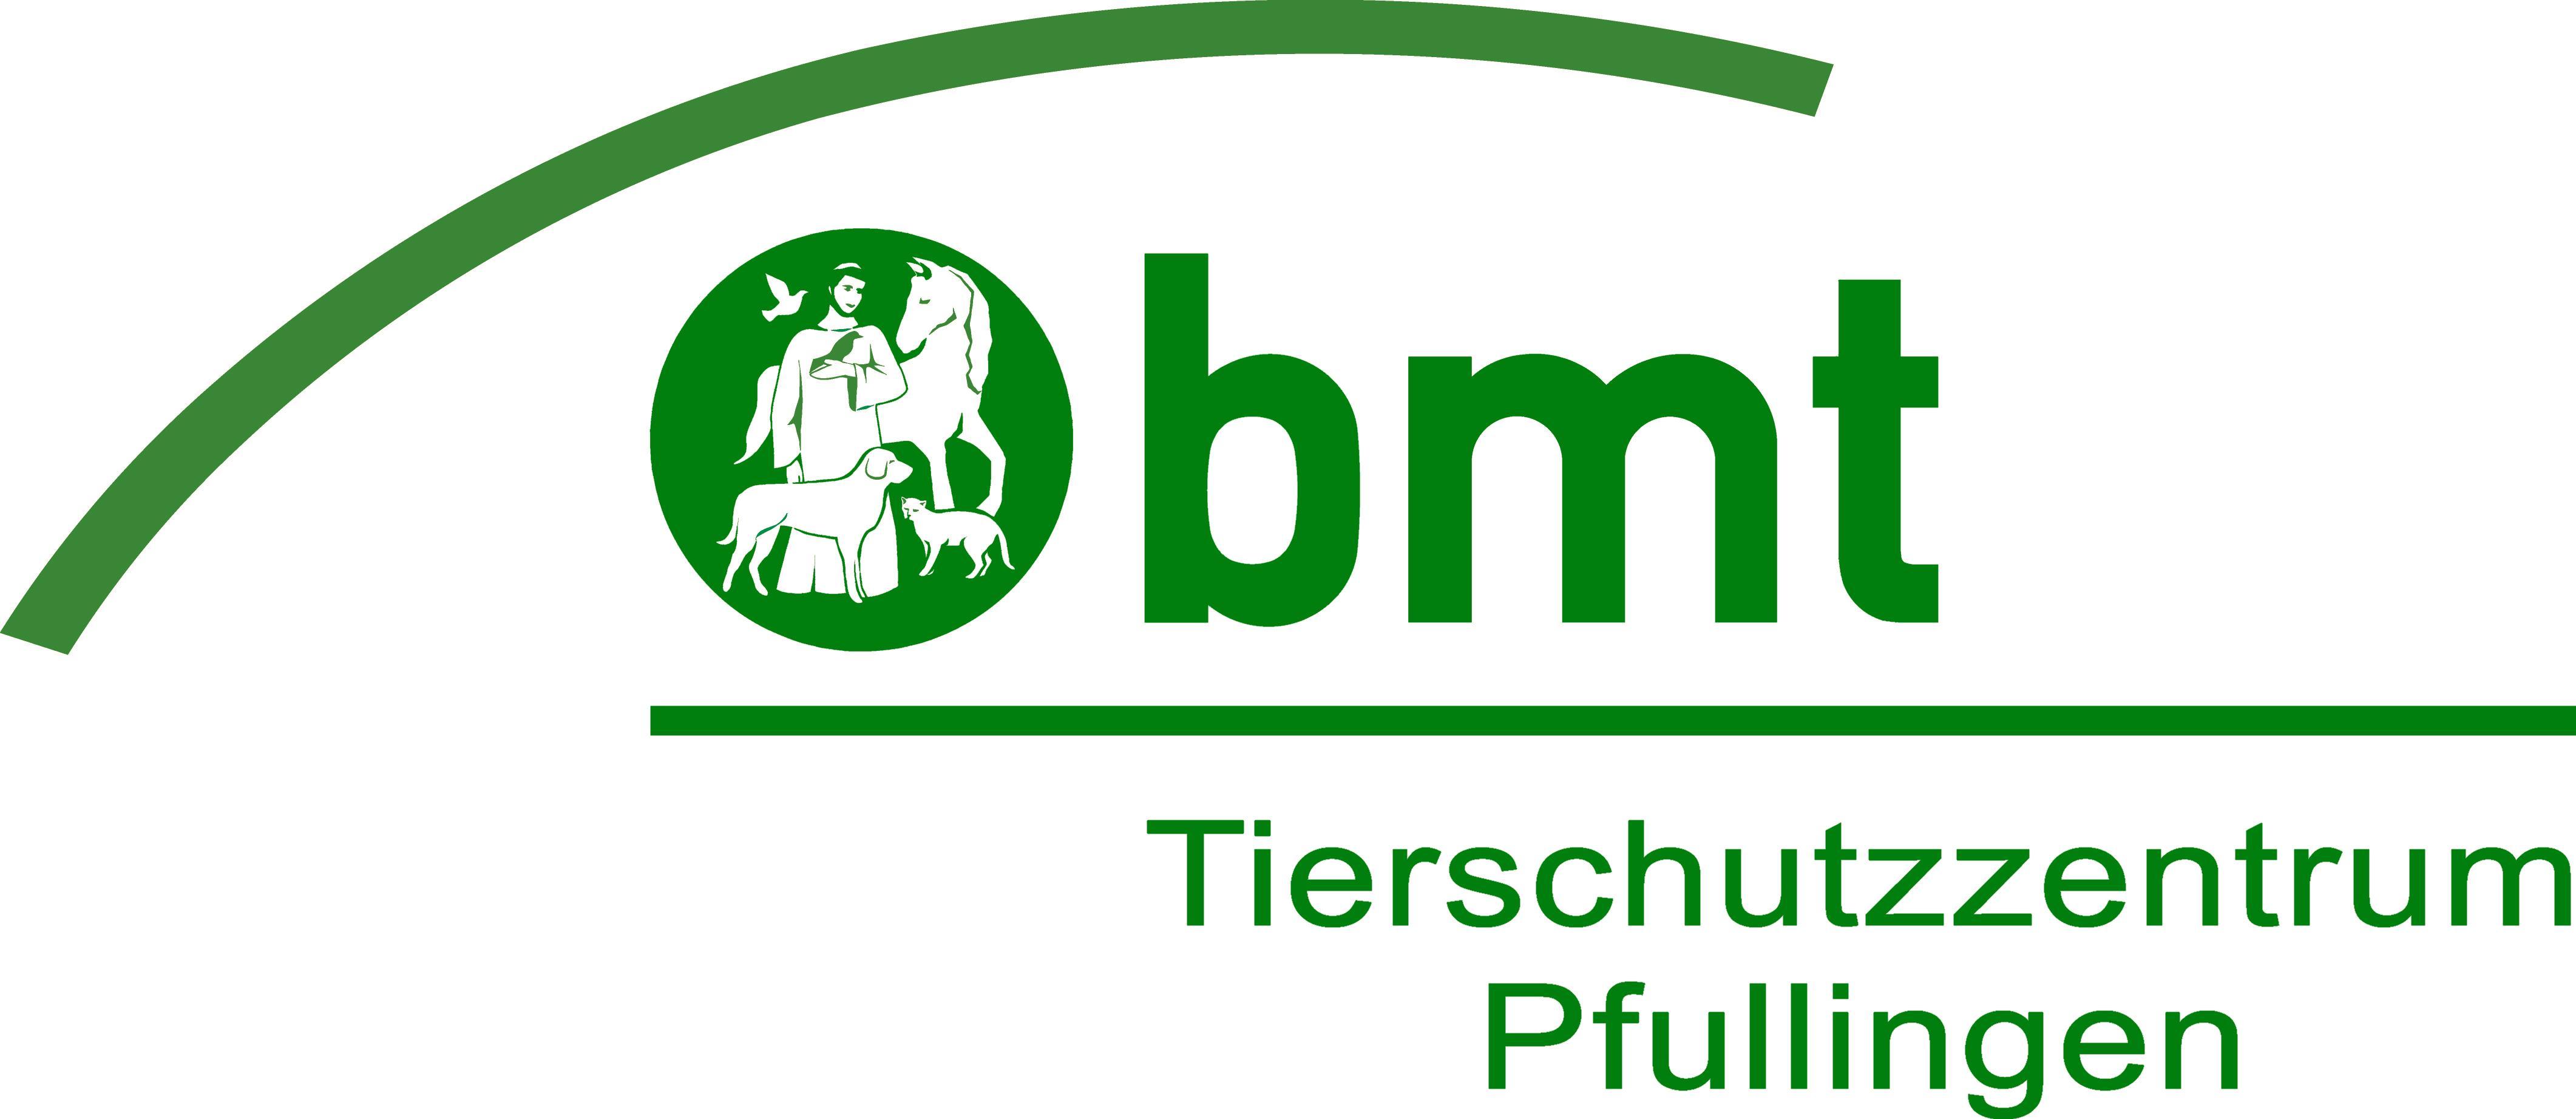 Logo_pfullingen_dunkel2.jpg